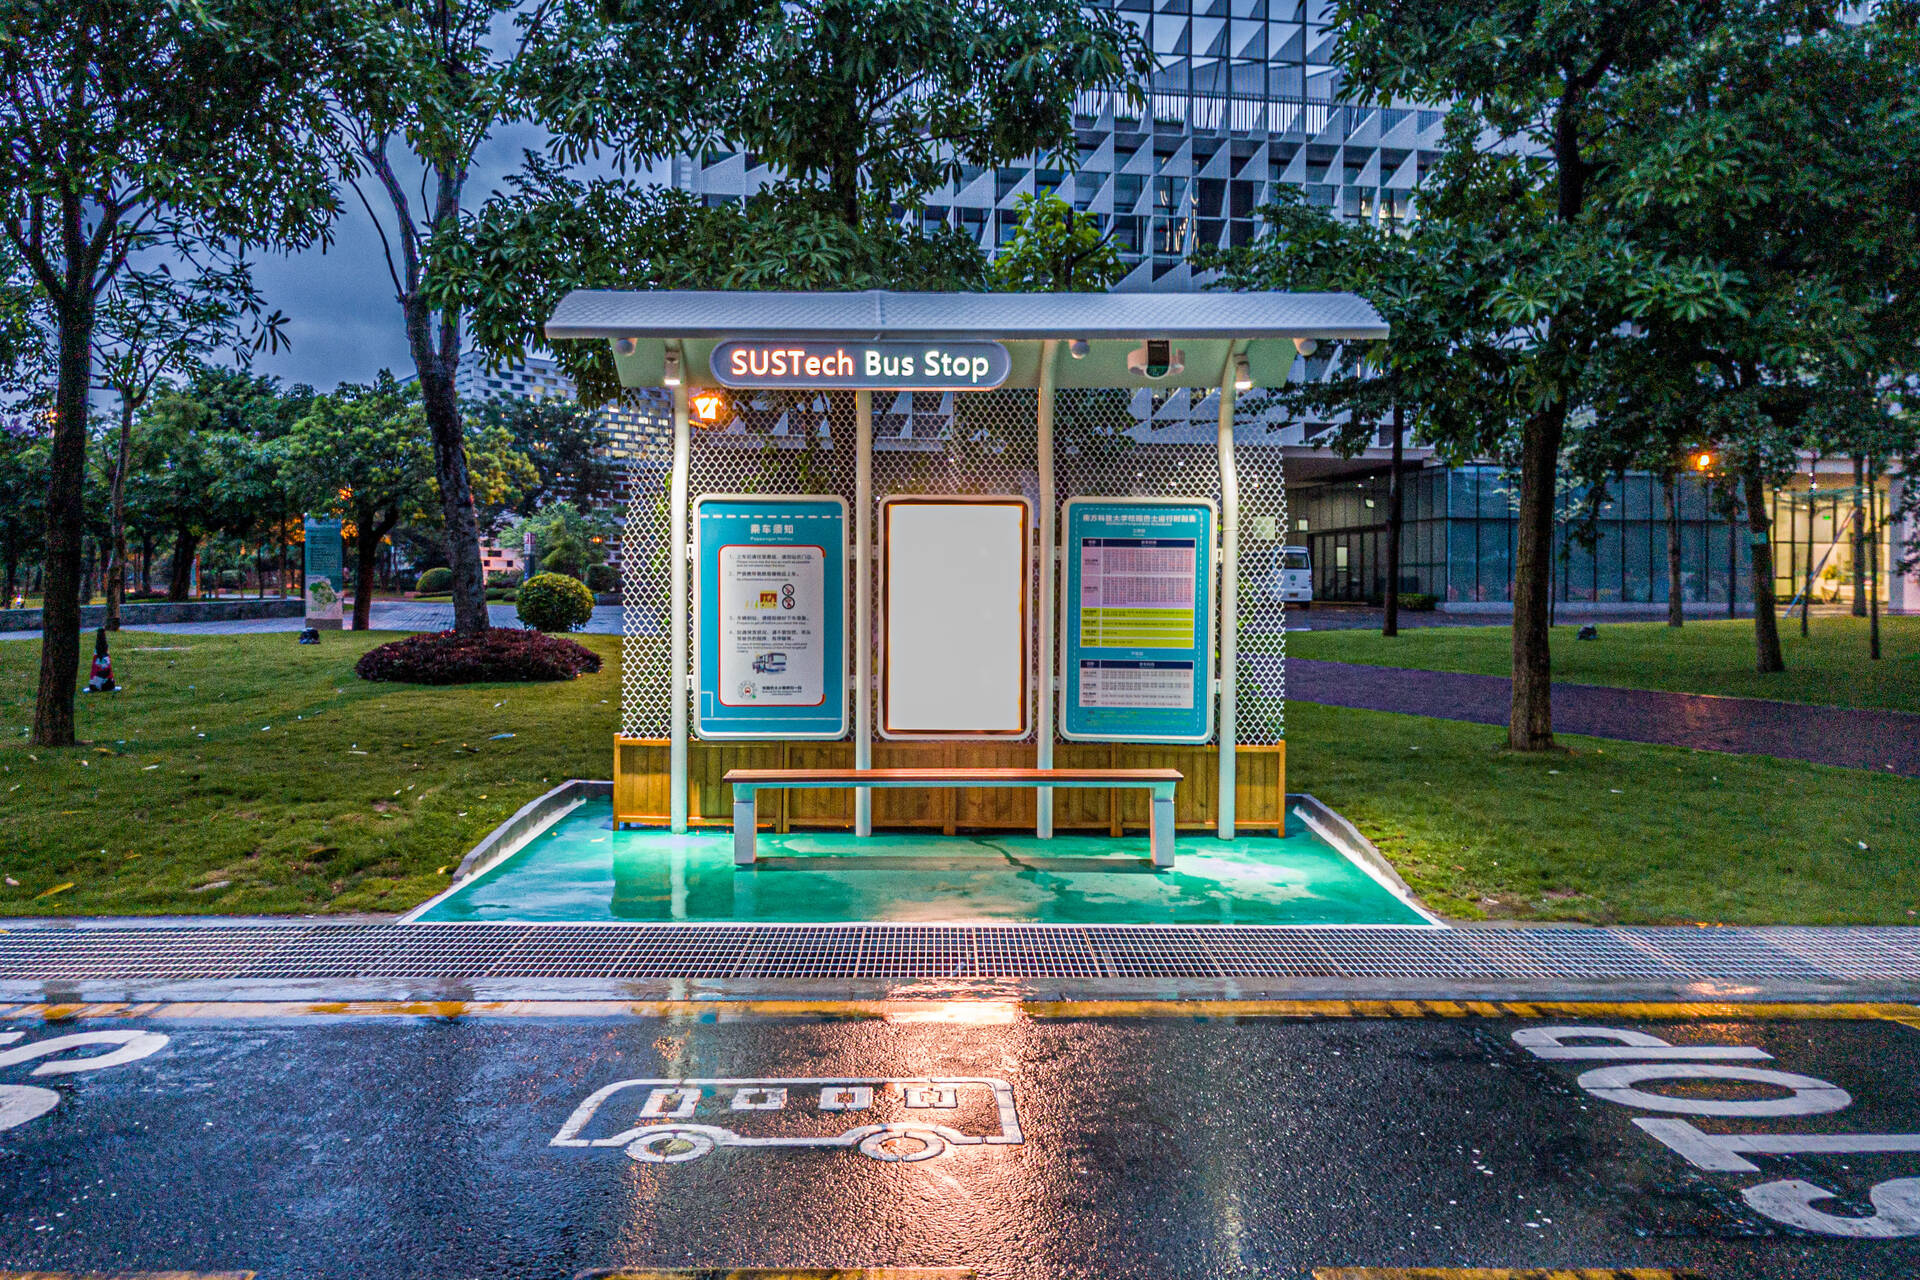 暴雨后,空无一人的校园巴士车站/NK1 Image Archive